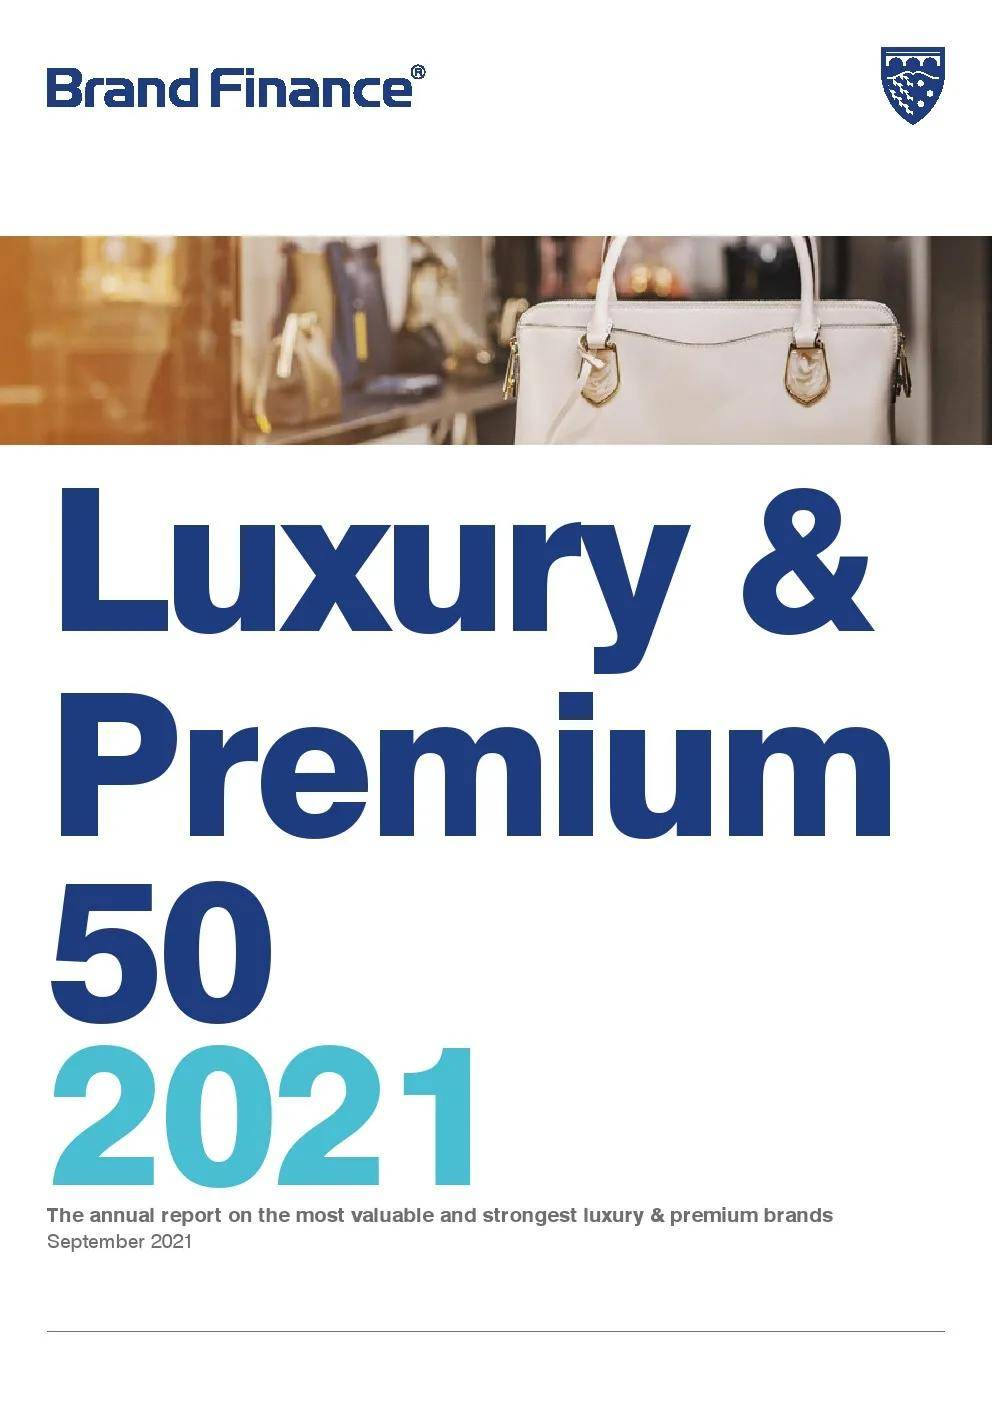 2021年奢侈和高端品牌排行榜